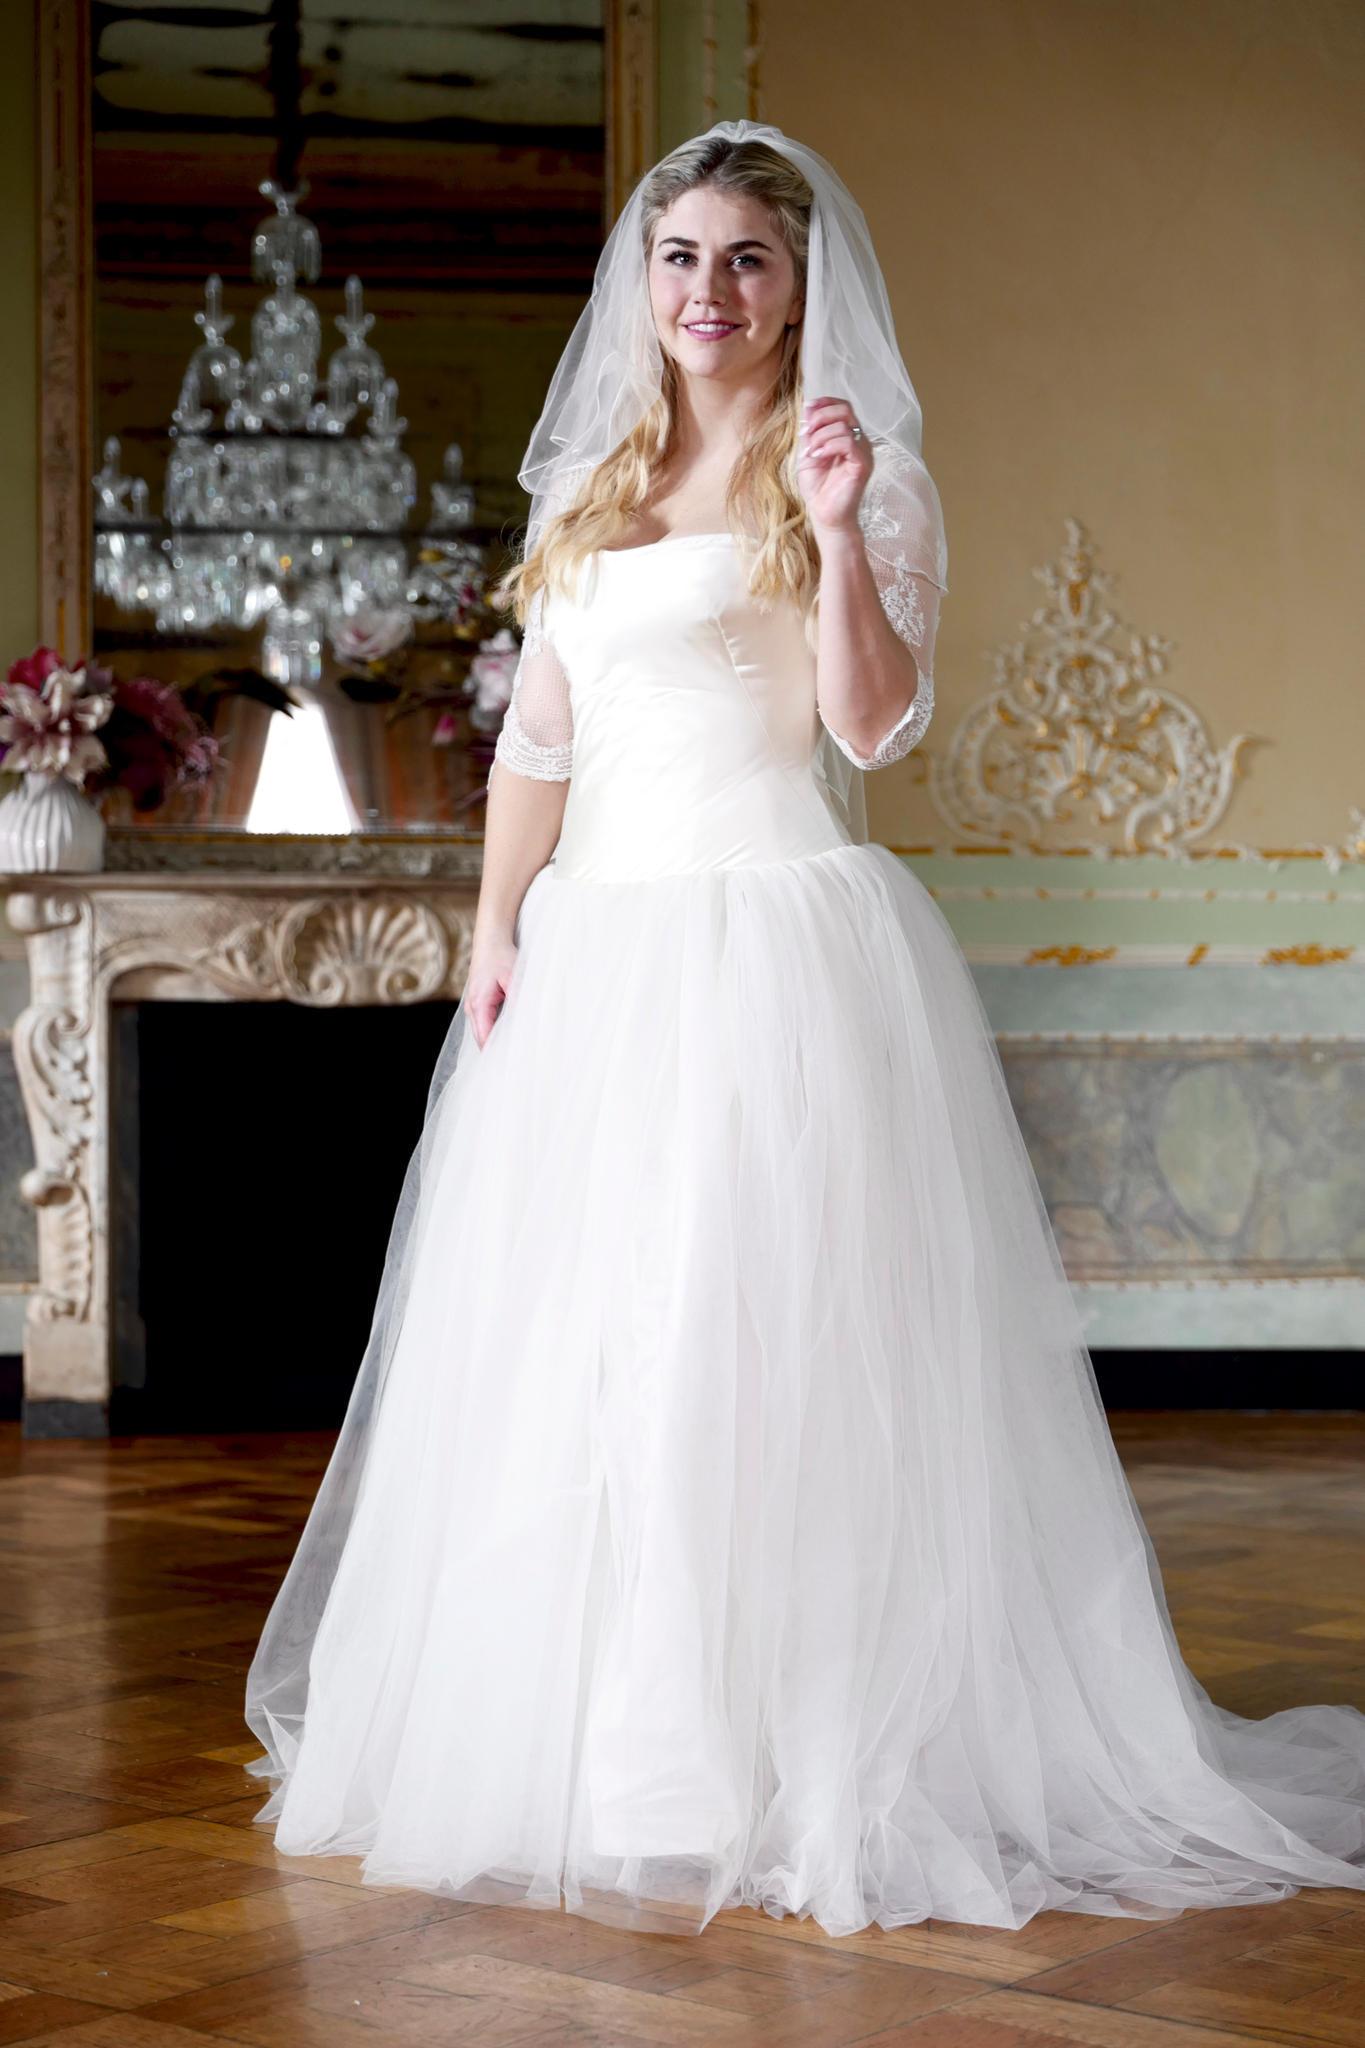 Großzügig Im Hochzeitskleid Bilder - Brautkleider Ideen - cashingy.info